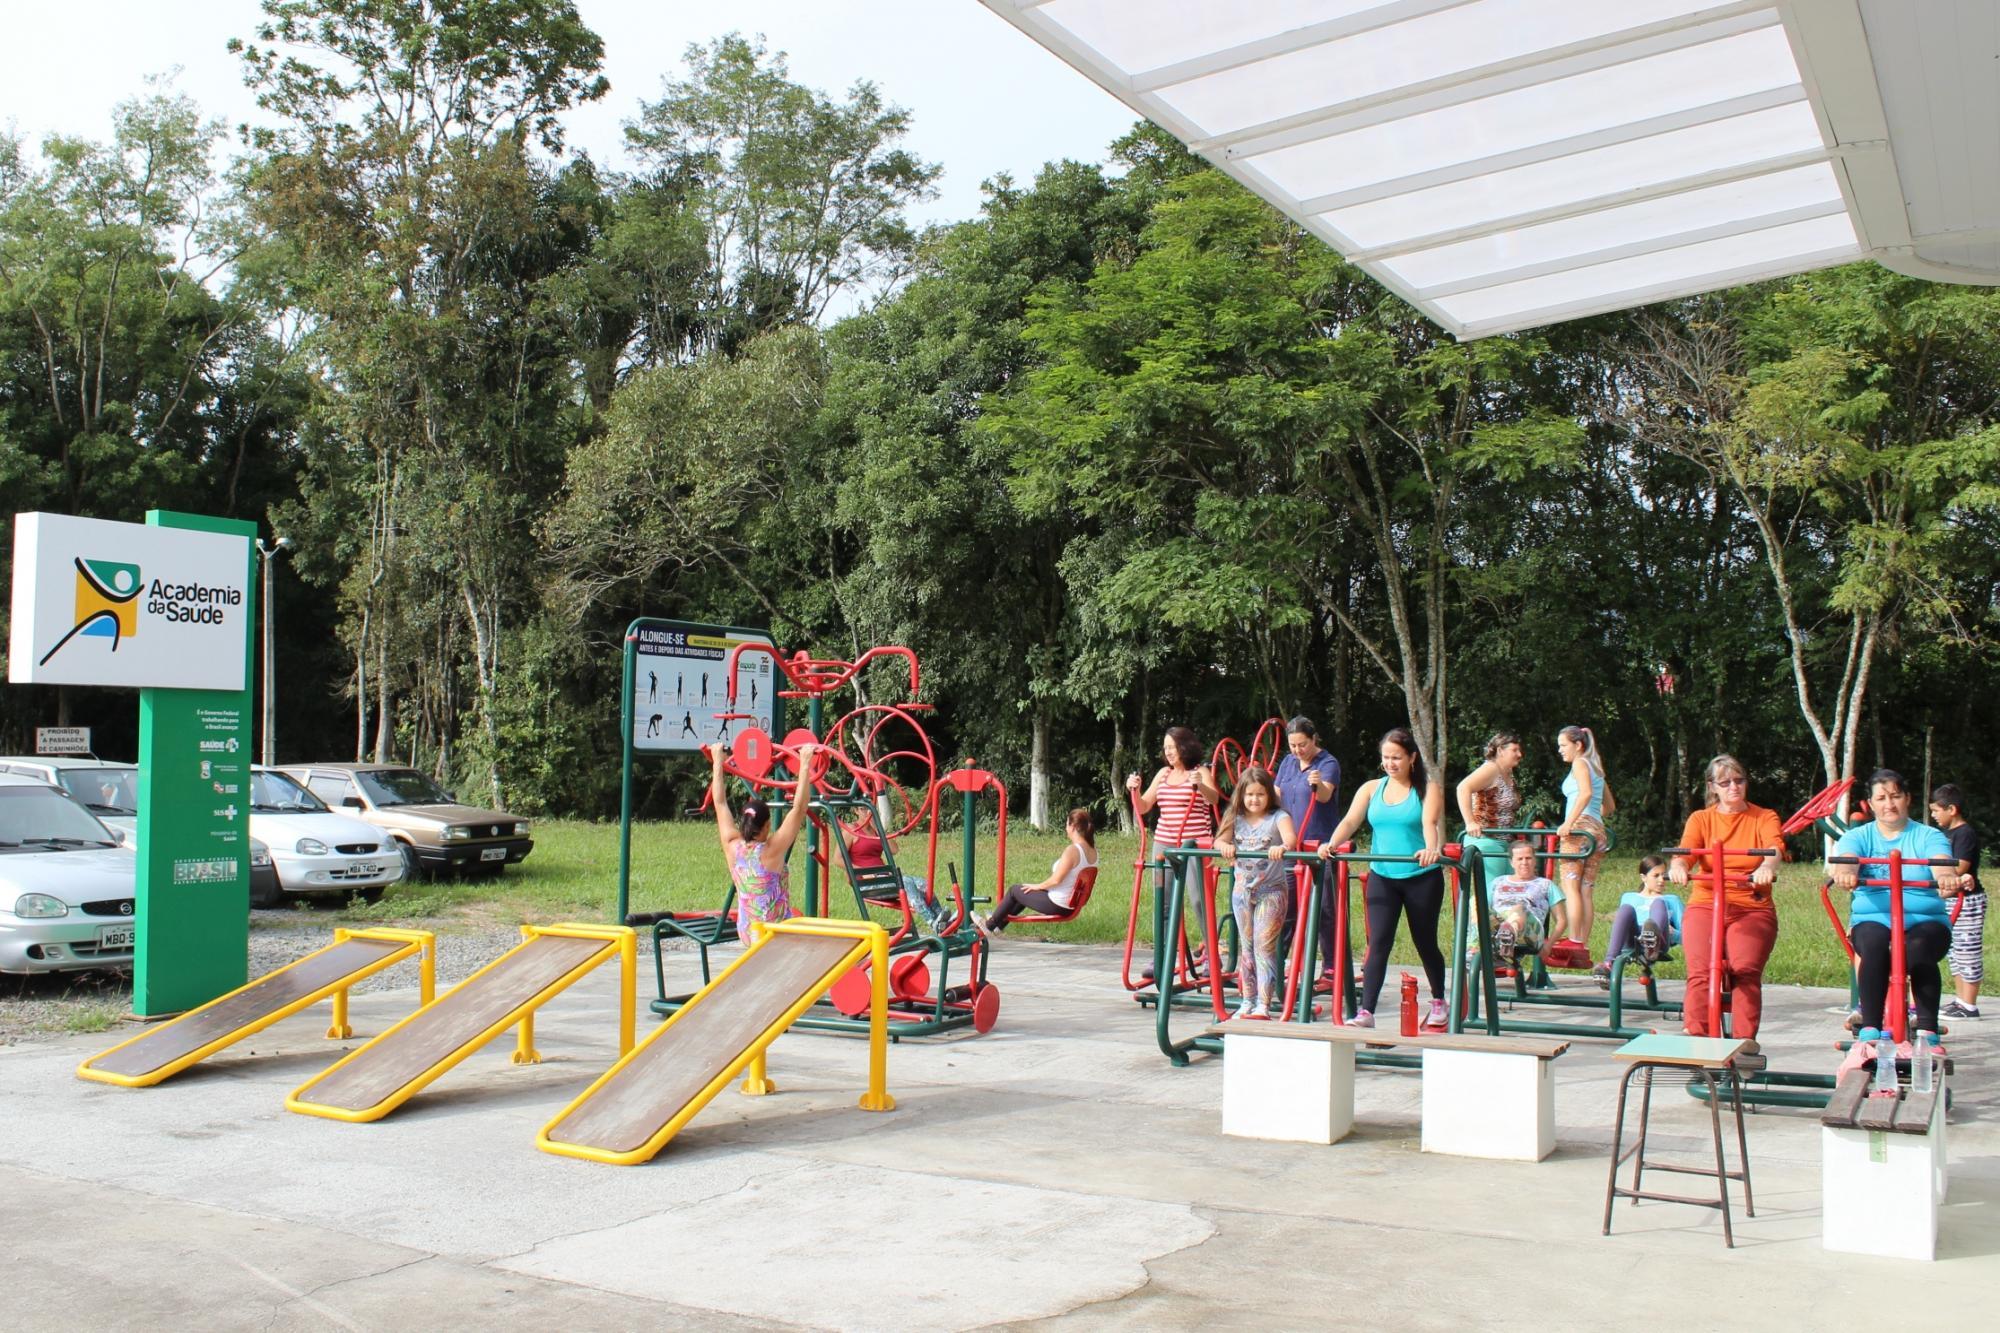 Aulas de jump, ginástica e exercícios funcionais são oferecidas na Academia de Saúde, em Petrolândia